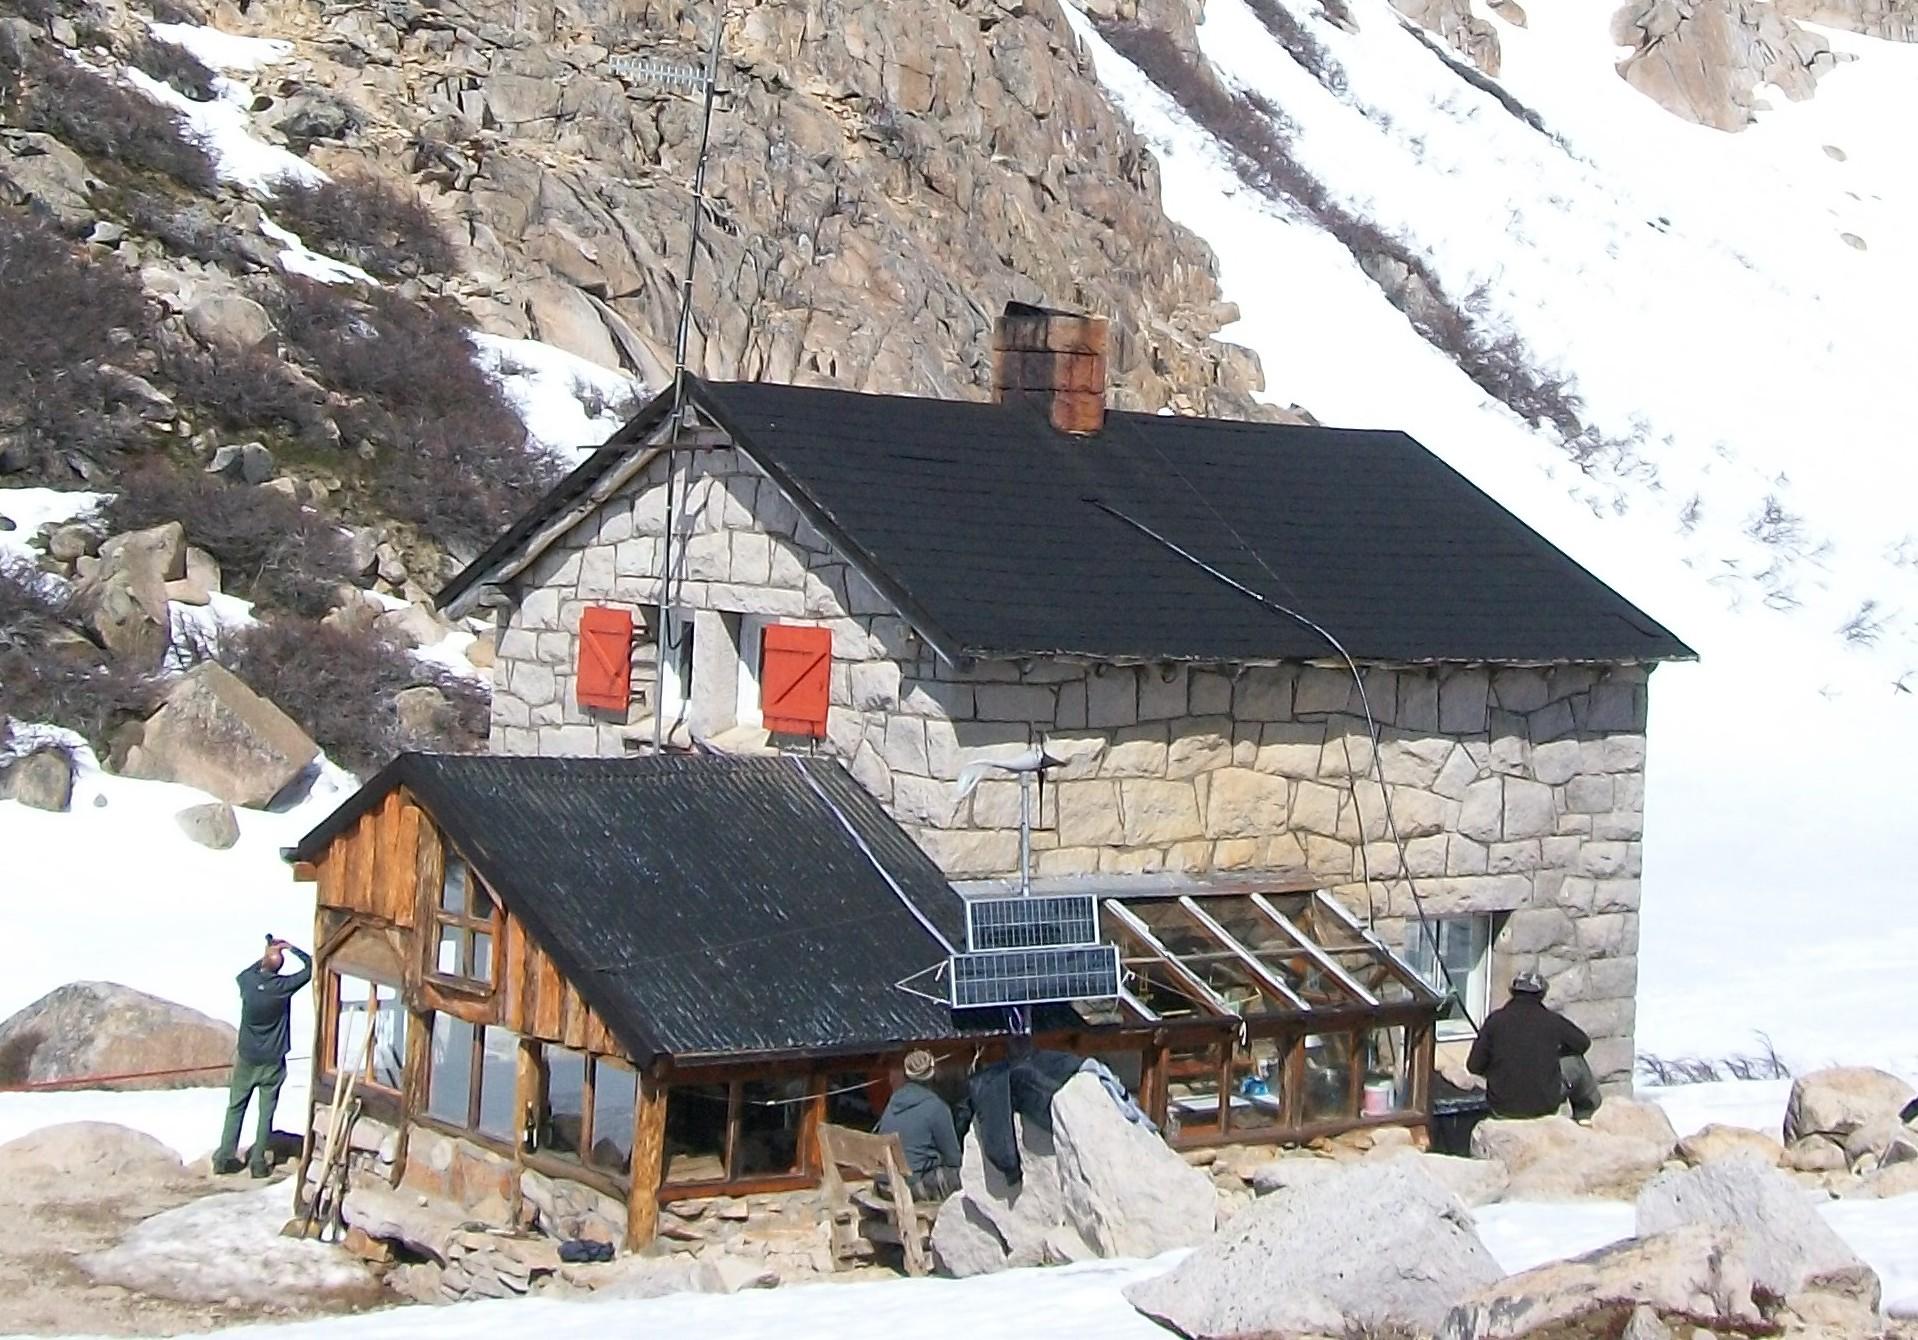 San Carlos de Bariloche Argentina  City new picture : Refugio de montaña Frey, San Carlos de Bariloche Argentina ...